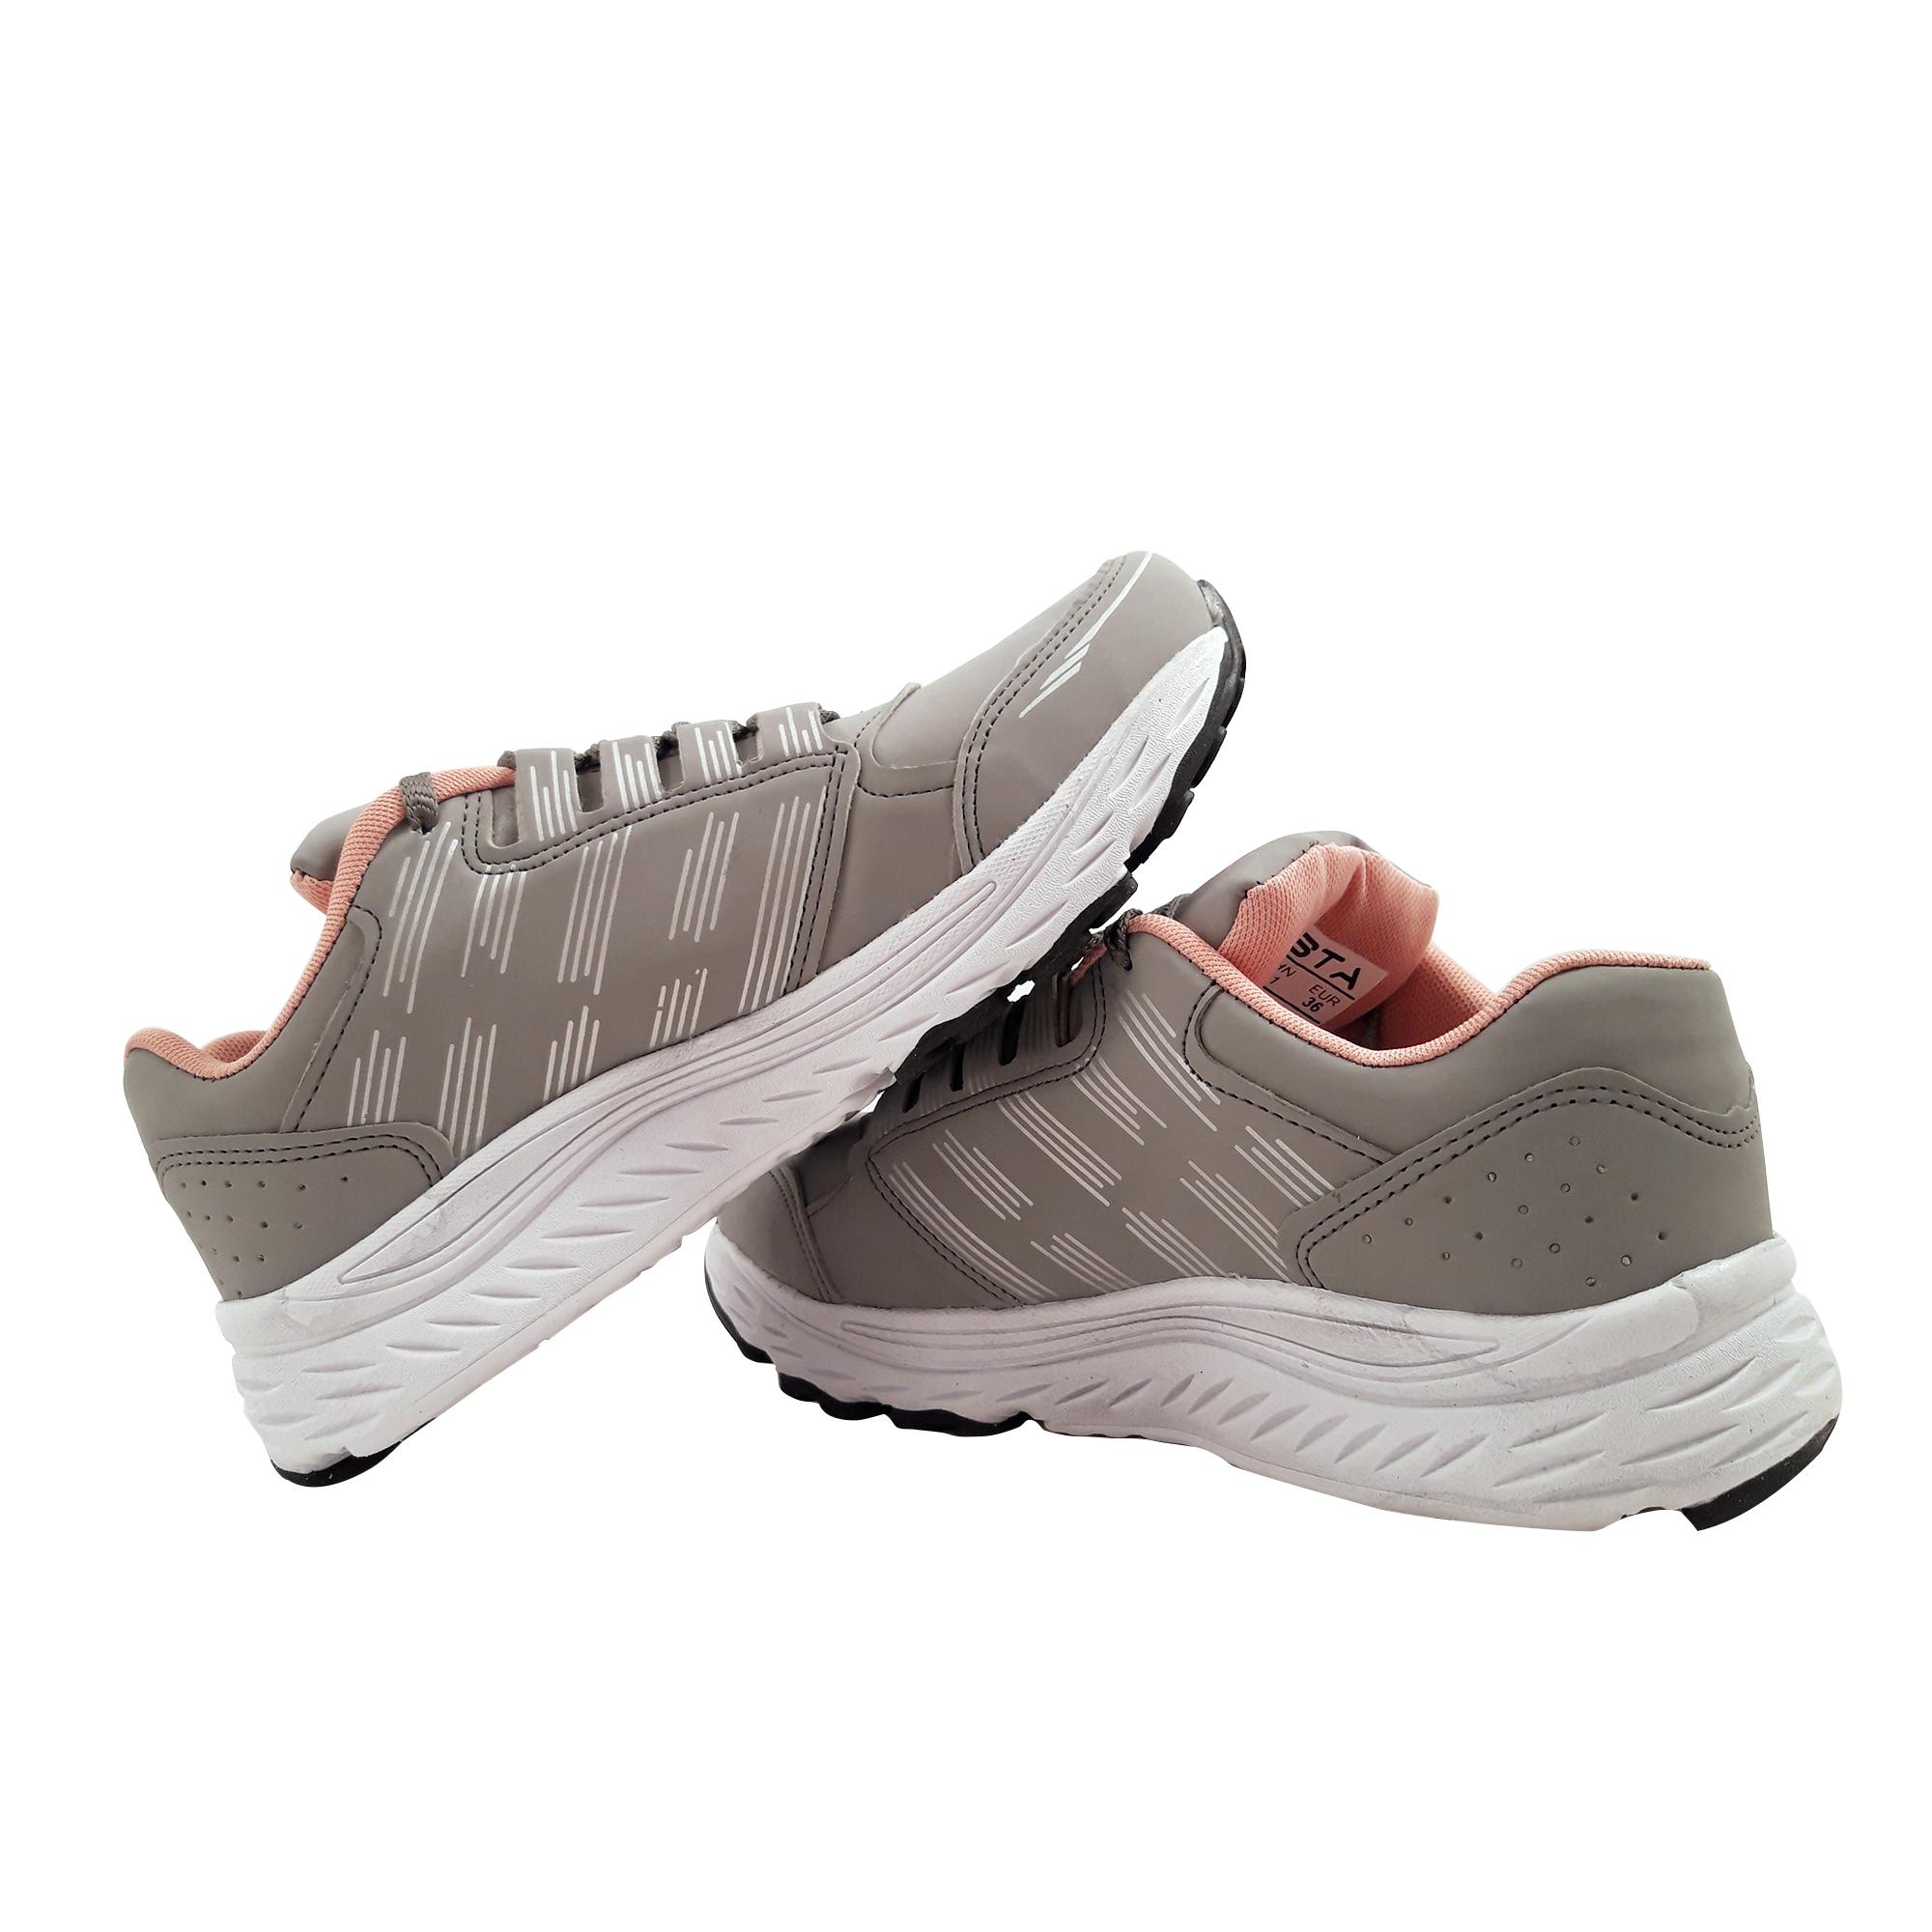 کفش مخصوص پیاده روی زنانه ویستا مدل S204